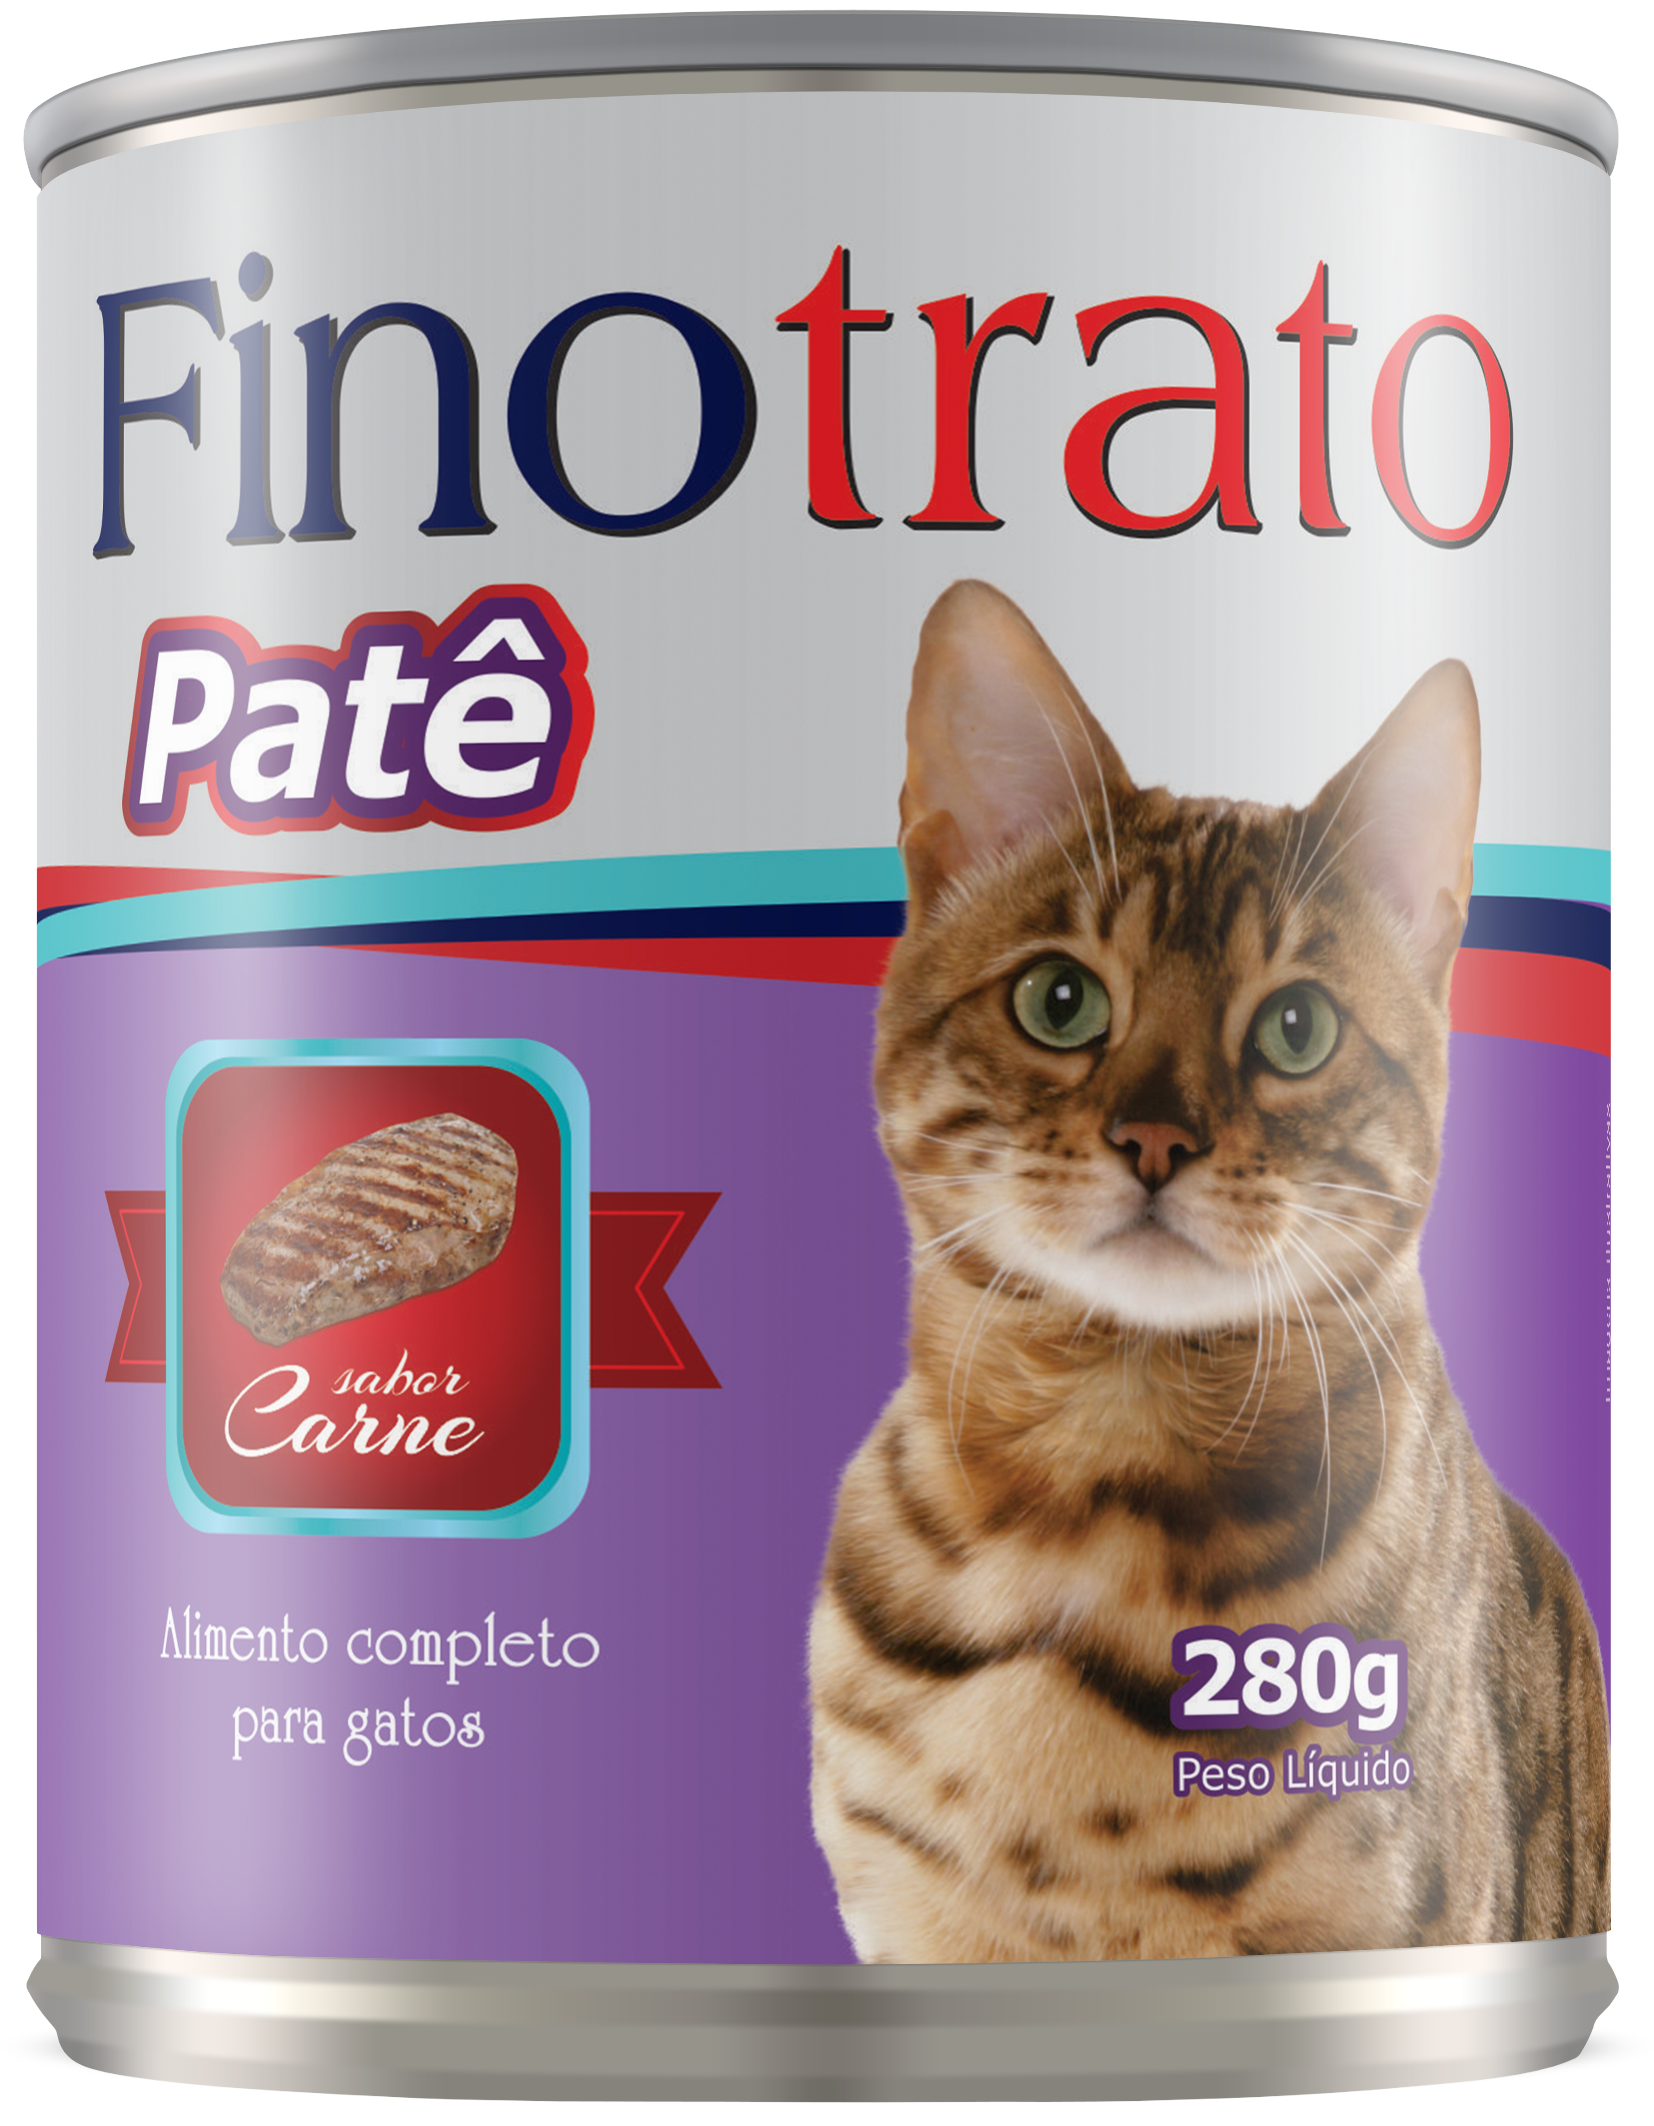 Finotrato Patê Gatos